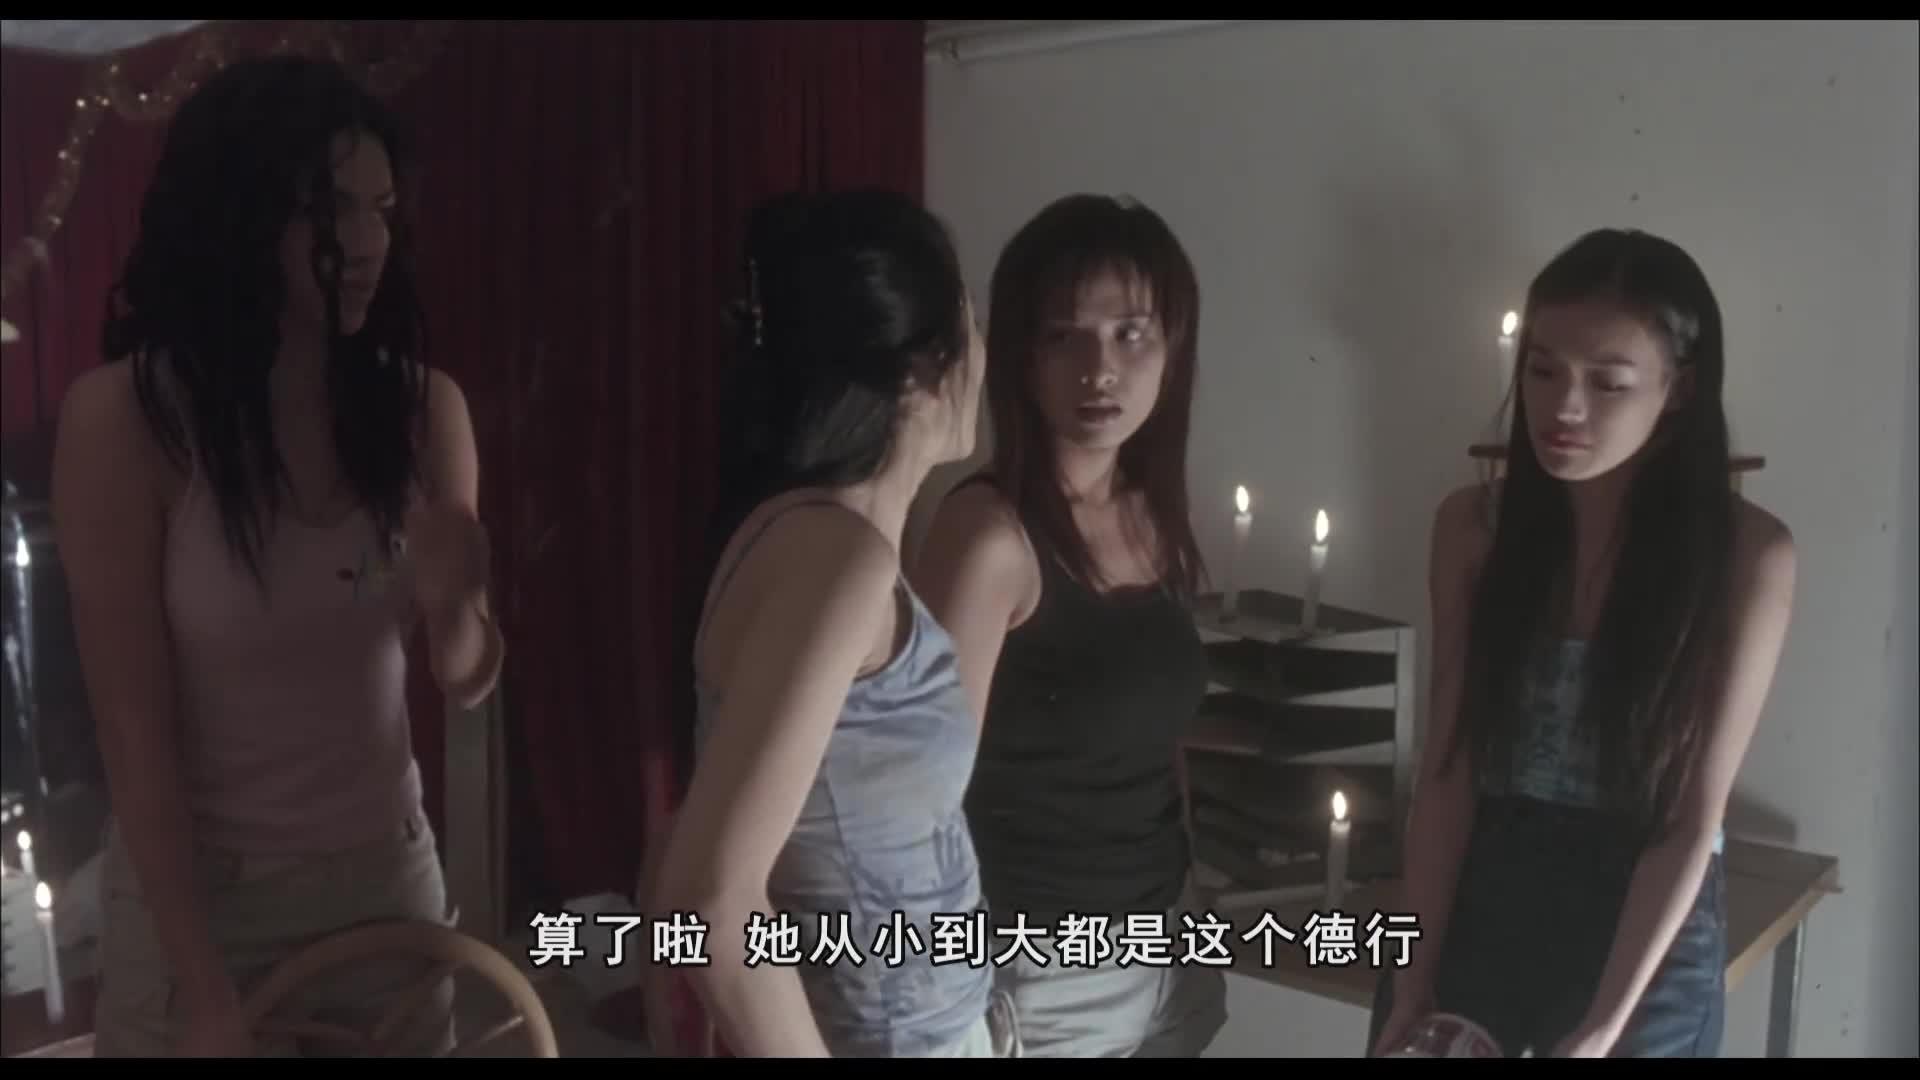 六个女人和一个男人在同一个屋子,让男人陪她们喝酒